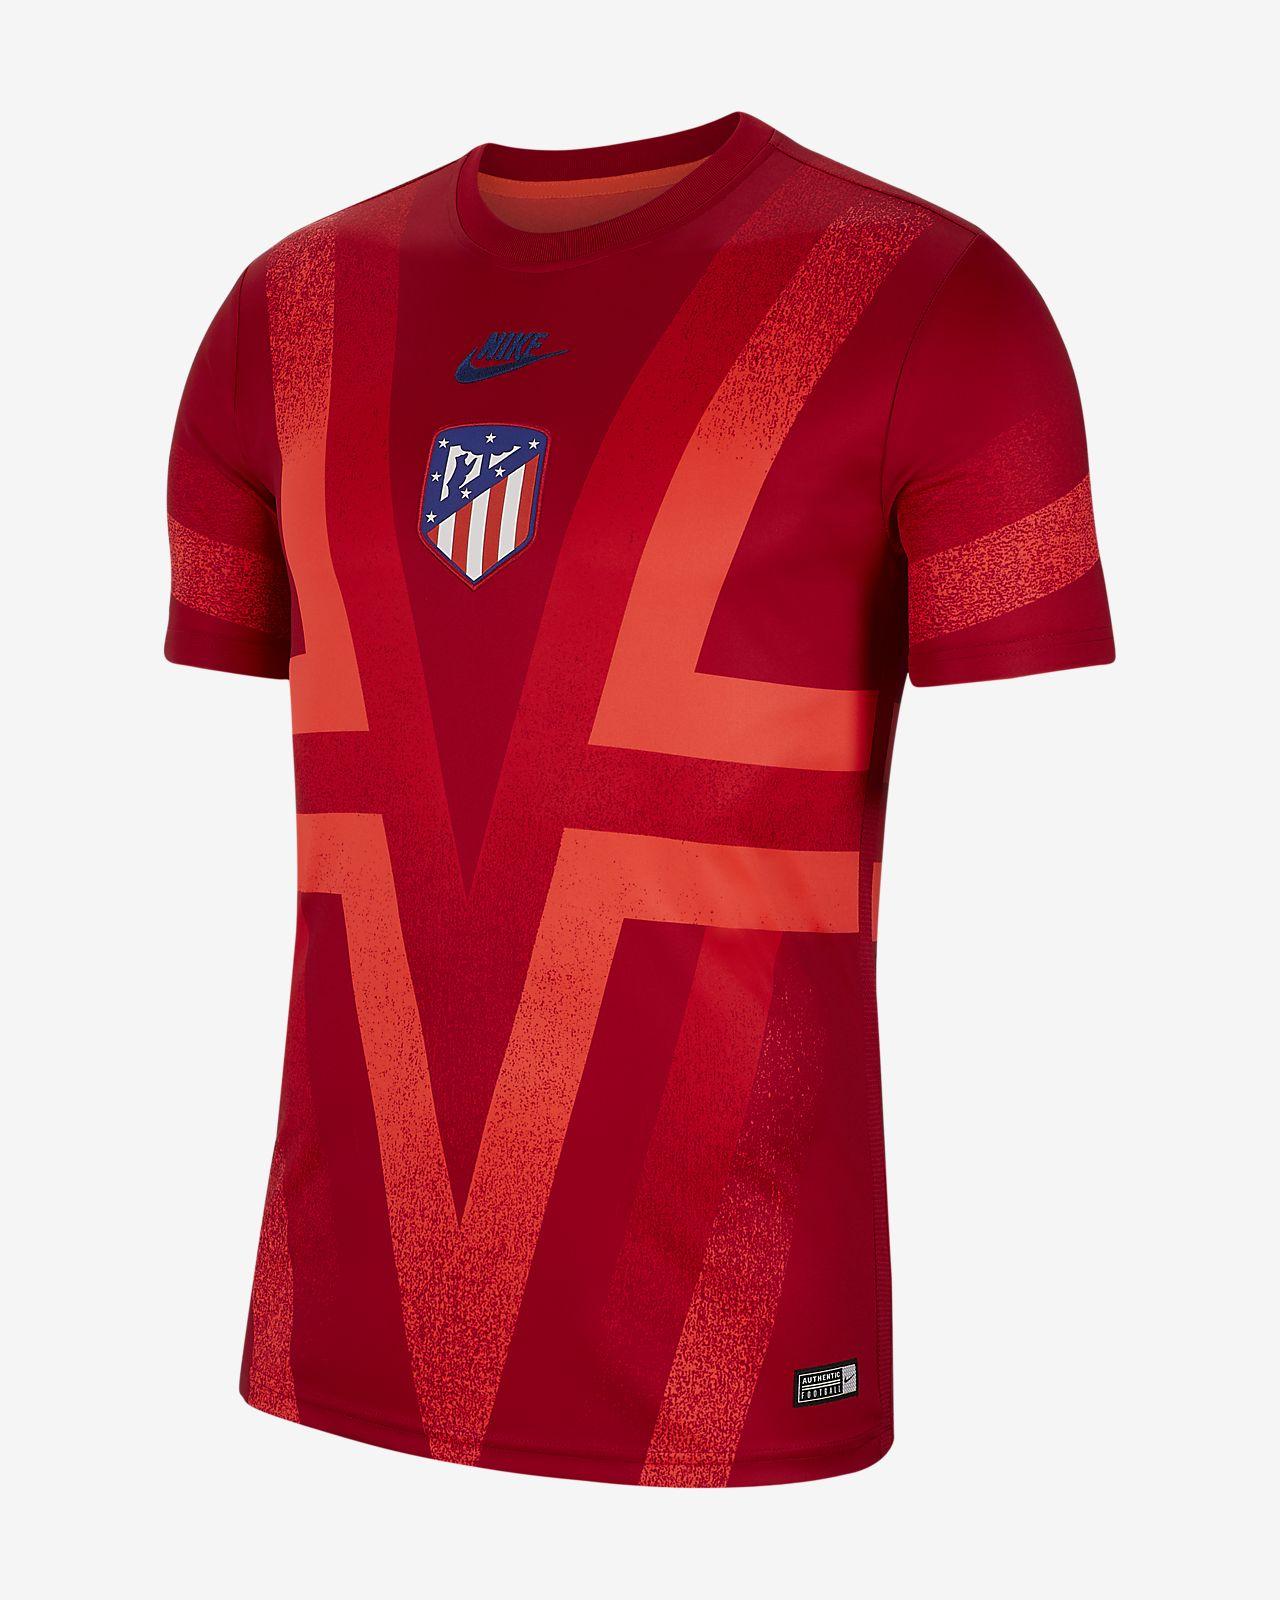 Мужская игровая футболка с коротким рукавом Atletico de Madrid